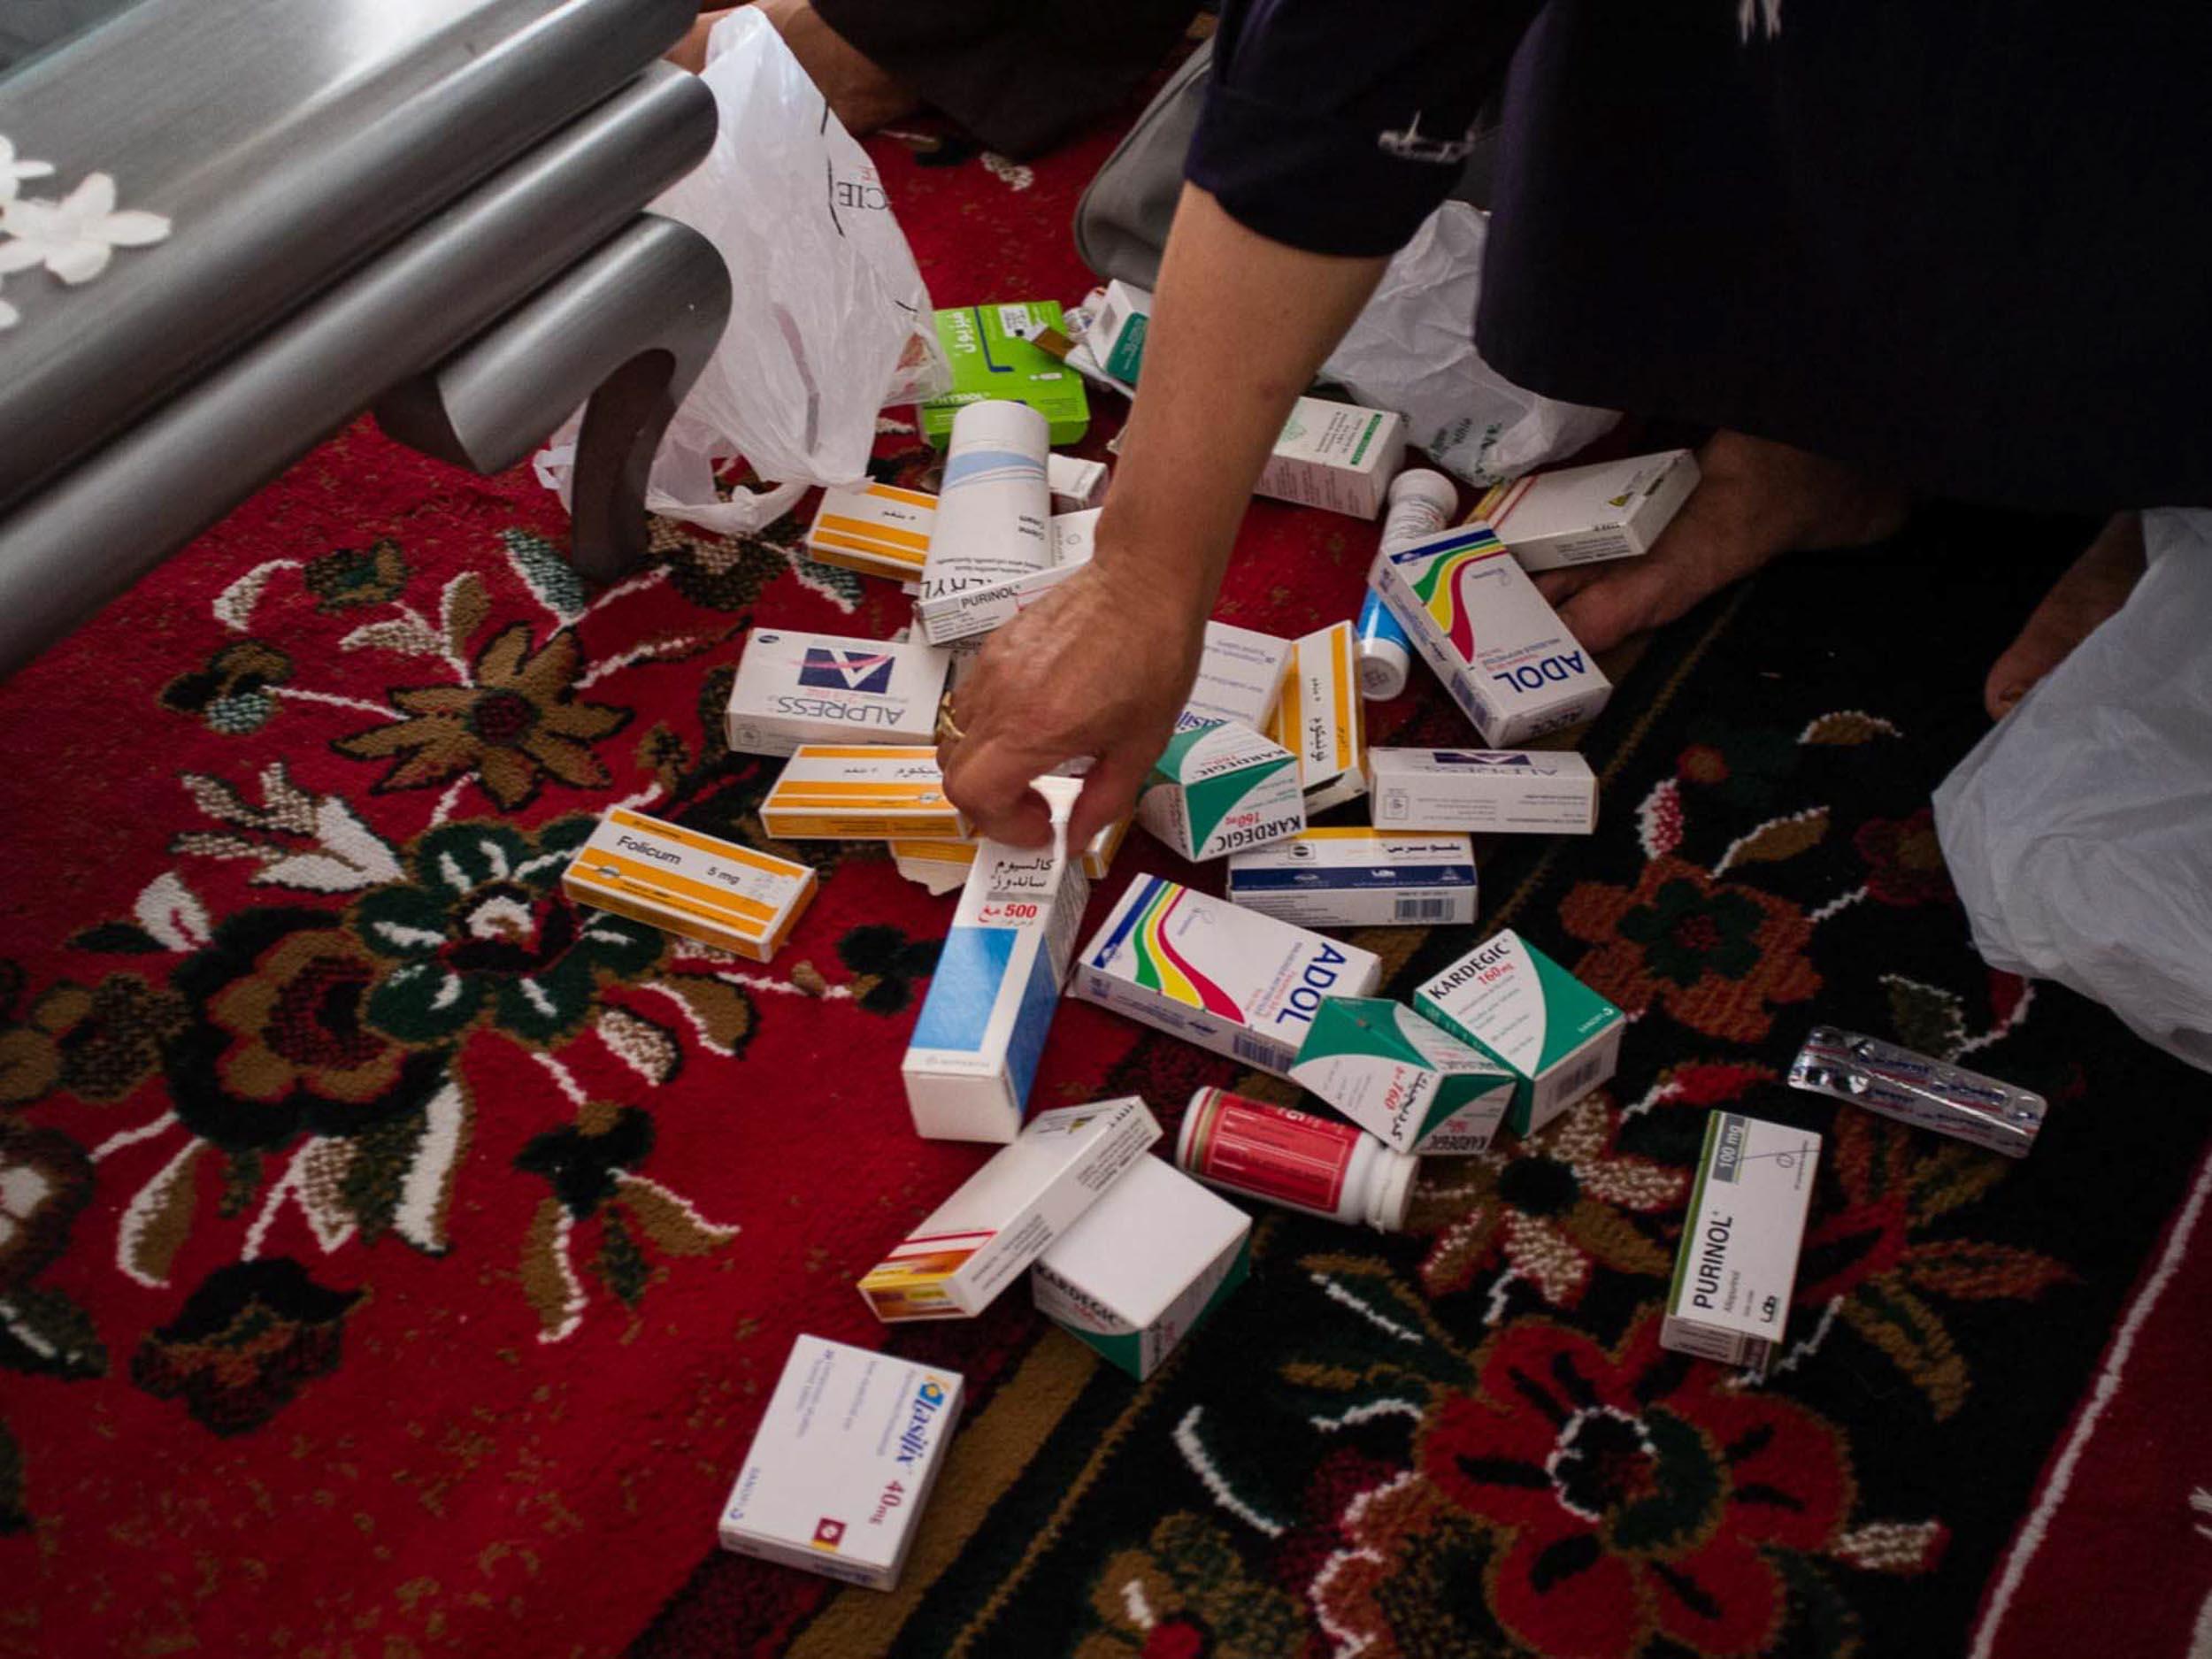 Oasis Chott Essalem. Gabès. 2016. Fatiha montre l'ensemble des médicaments qu'elle doit prendre quotidiennement pour se soigner.